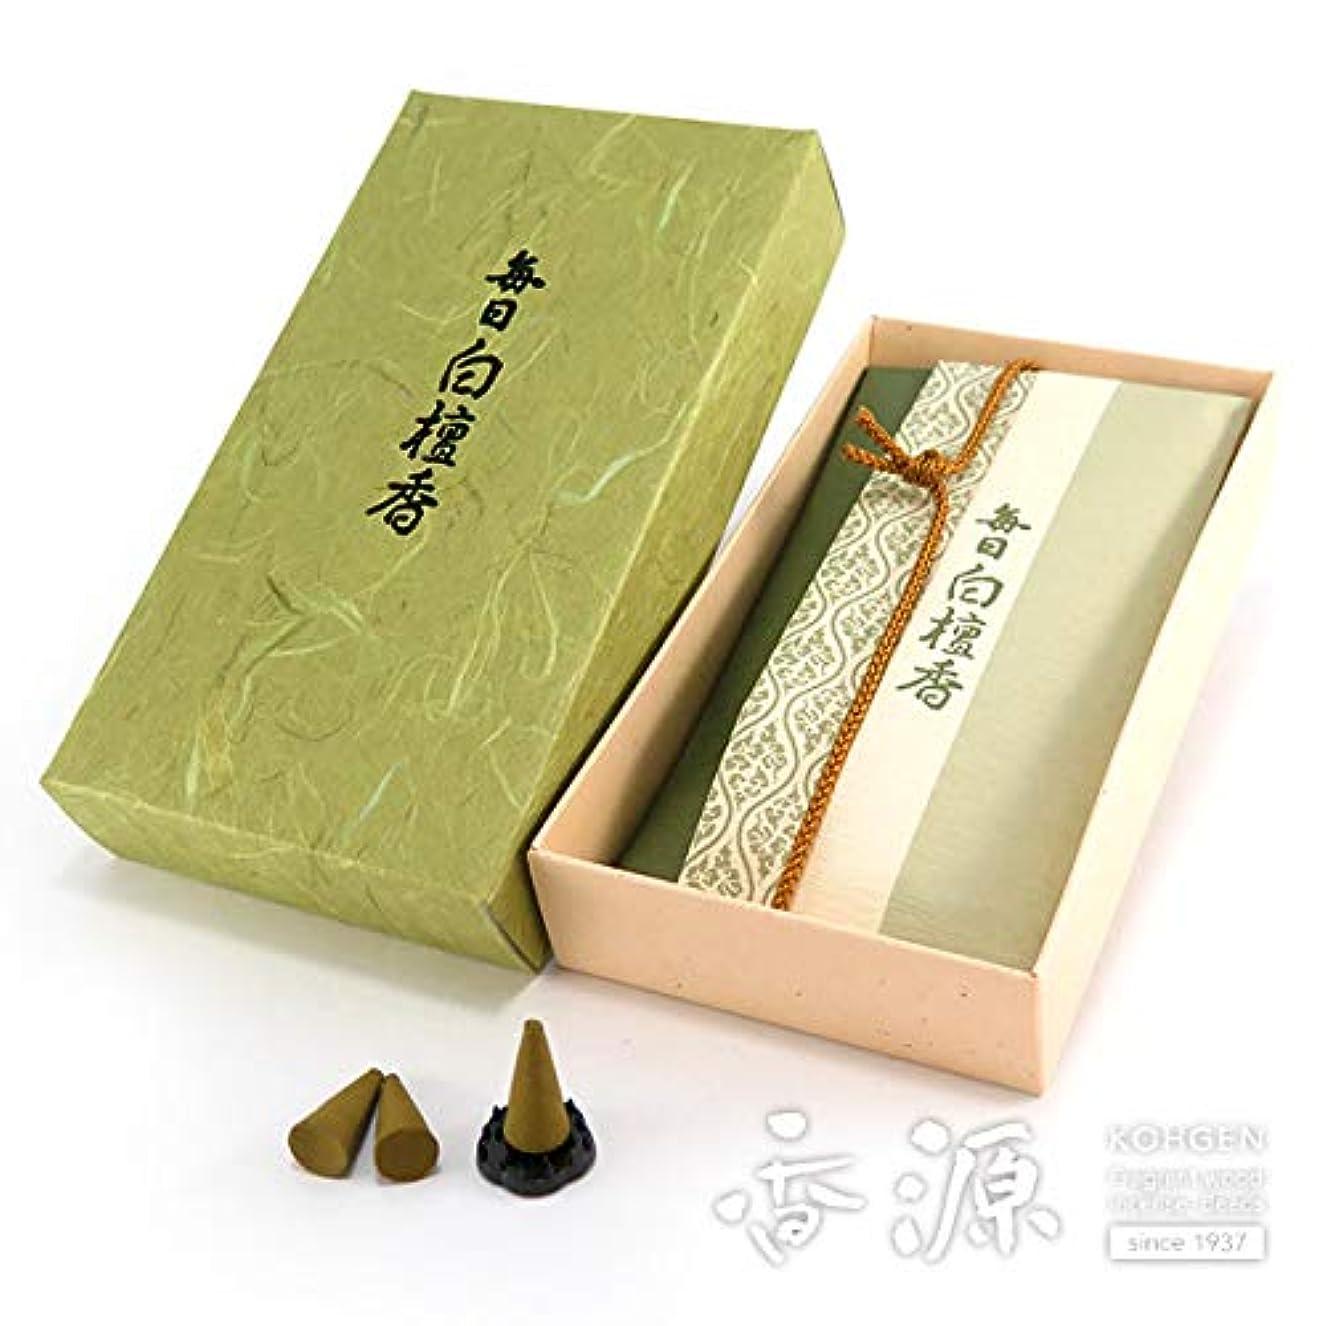 メタリック裸フロンティア日本香堂のお香 白檀の定番 毎日白檀香 コーン型24個入